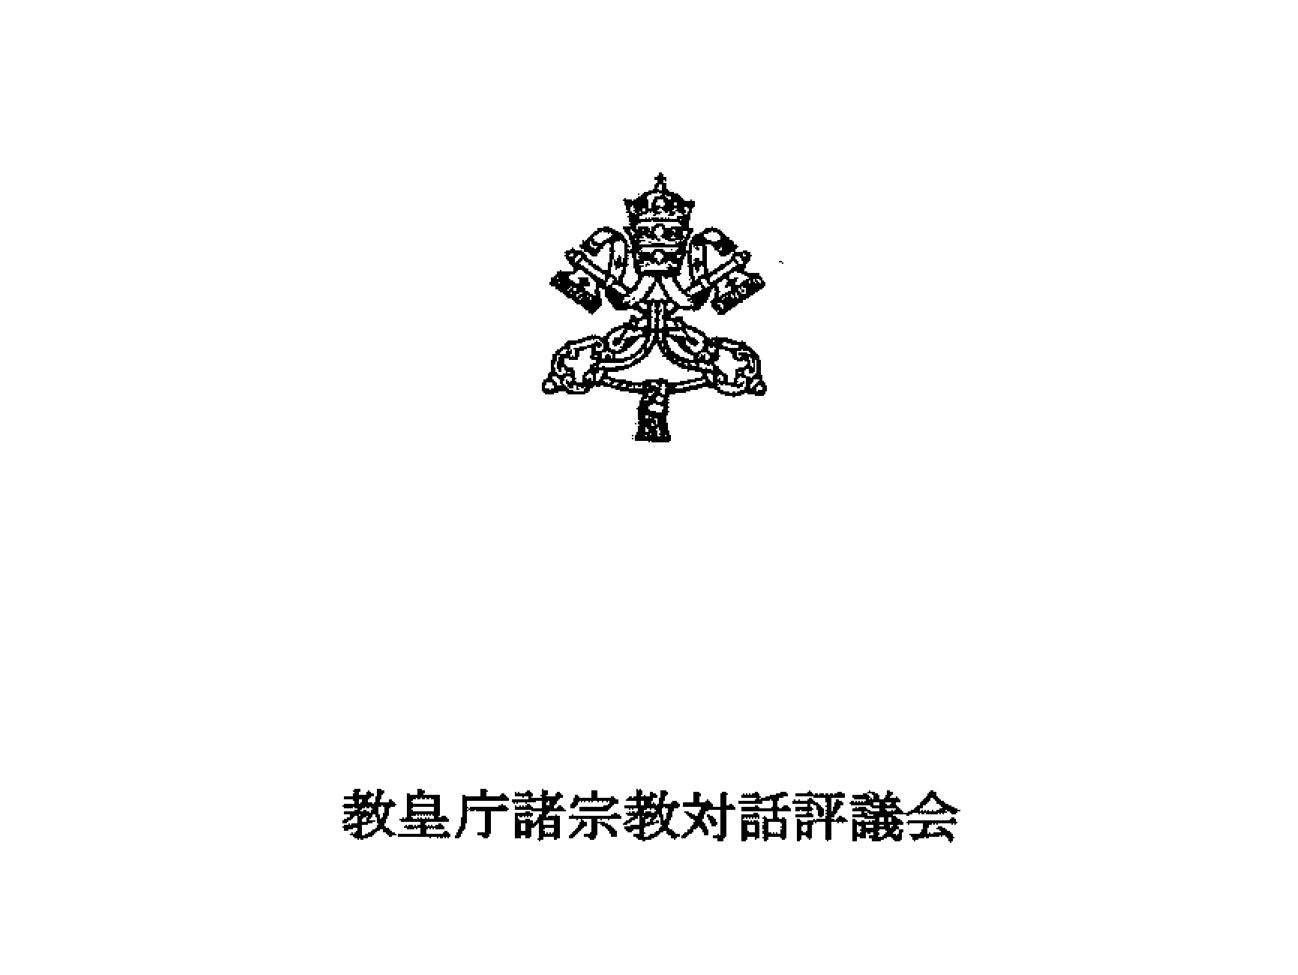 教皇庁諸宗教対話評議会から神道信者への新年メッセージ「倫理観をともにはぐぐむキリスト教と神道の信者」